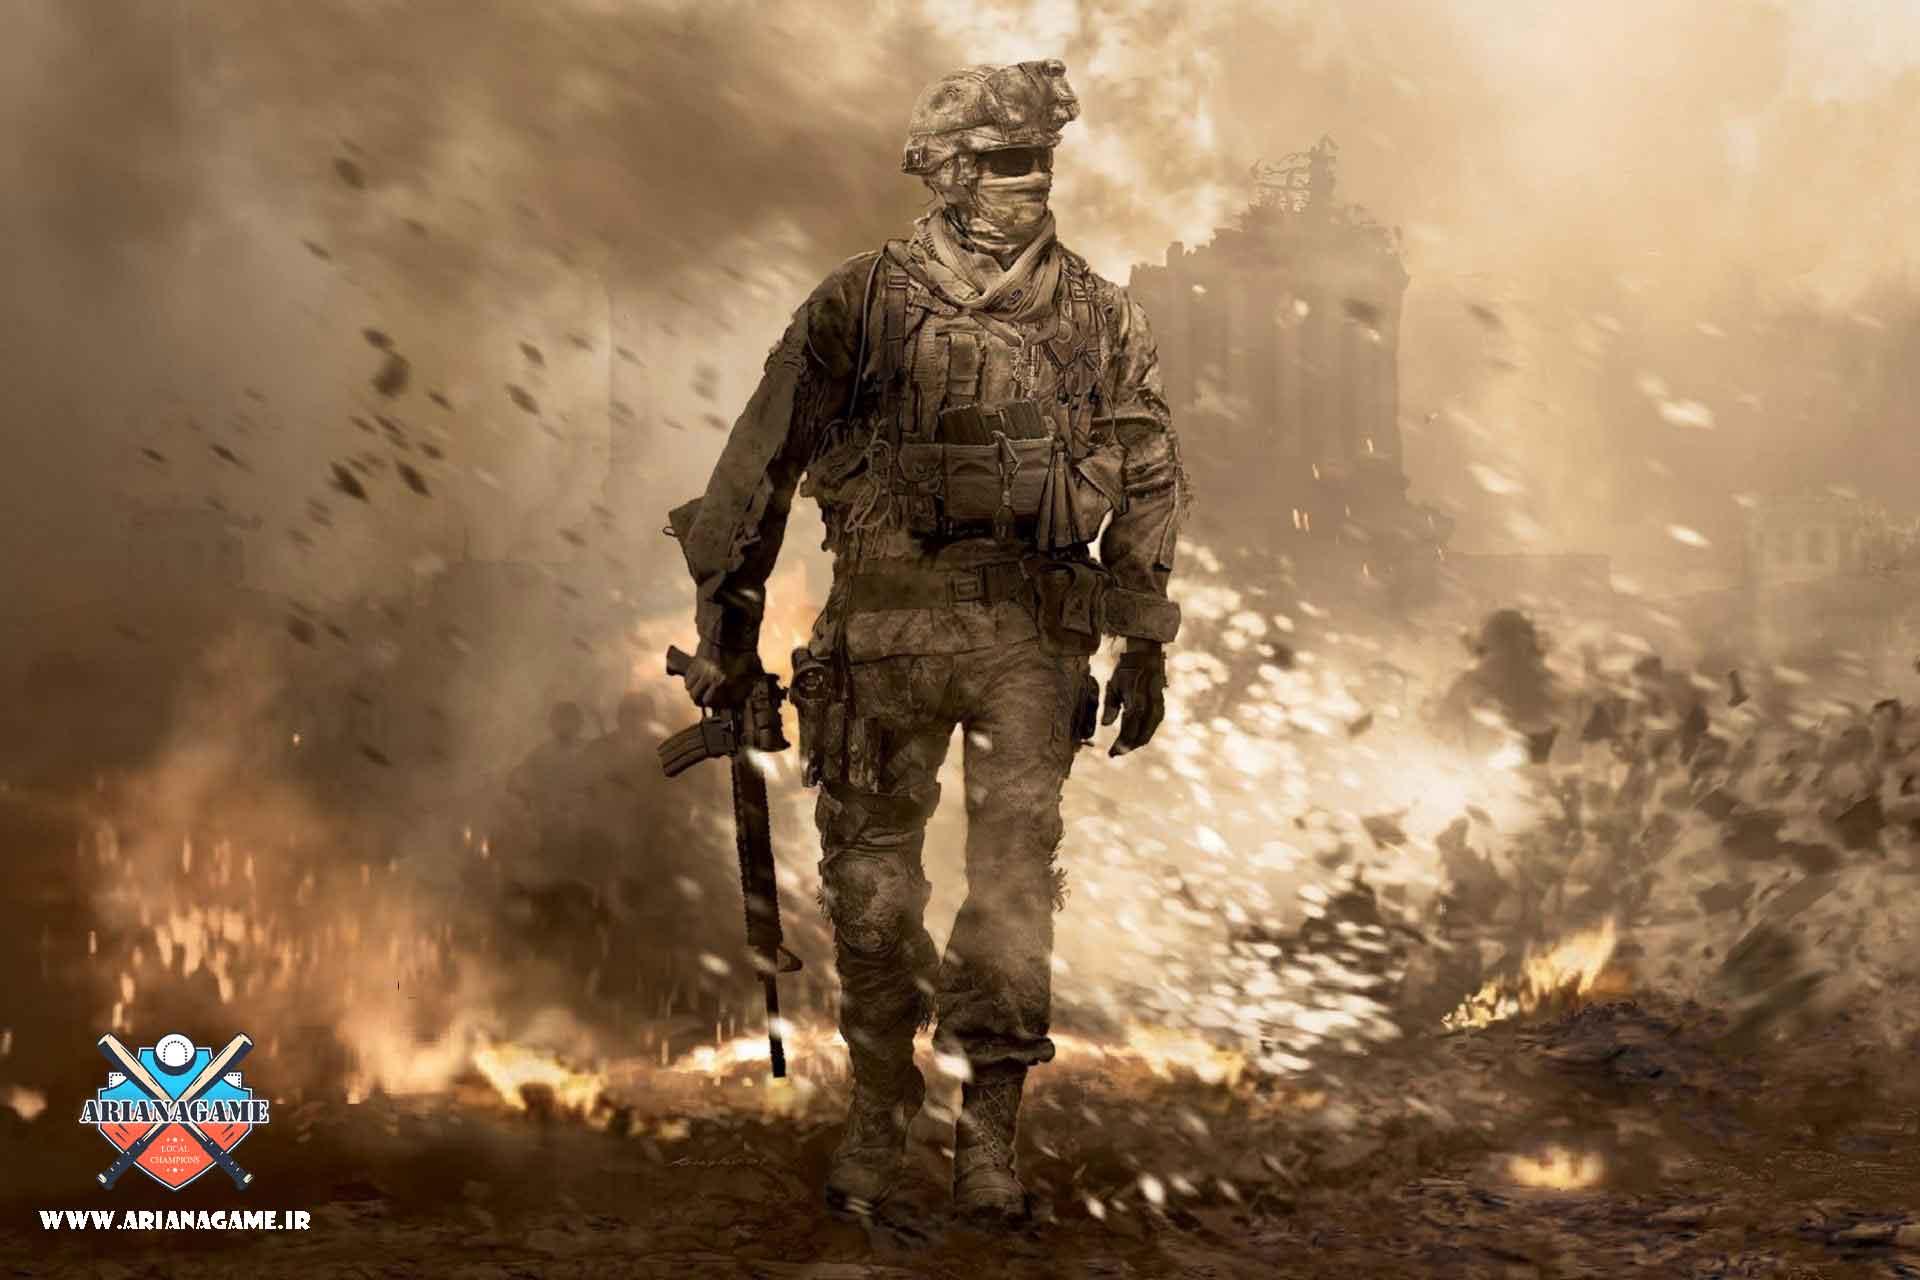 خرید بازی Call of Duty Modern Warfare 2 (ندای وظیفه: جنگاوری نوین ۲) برای PC